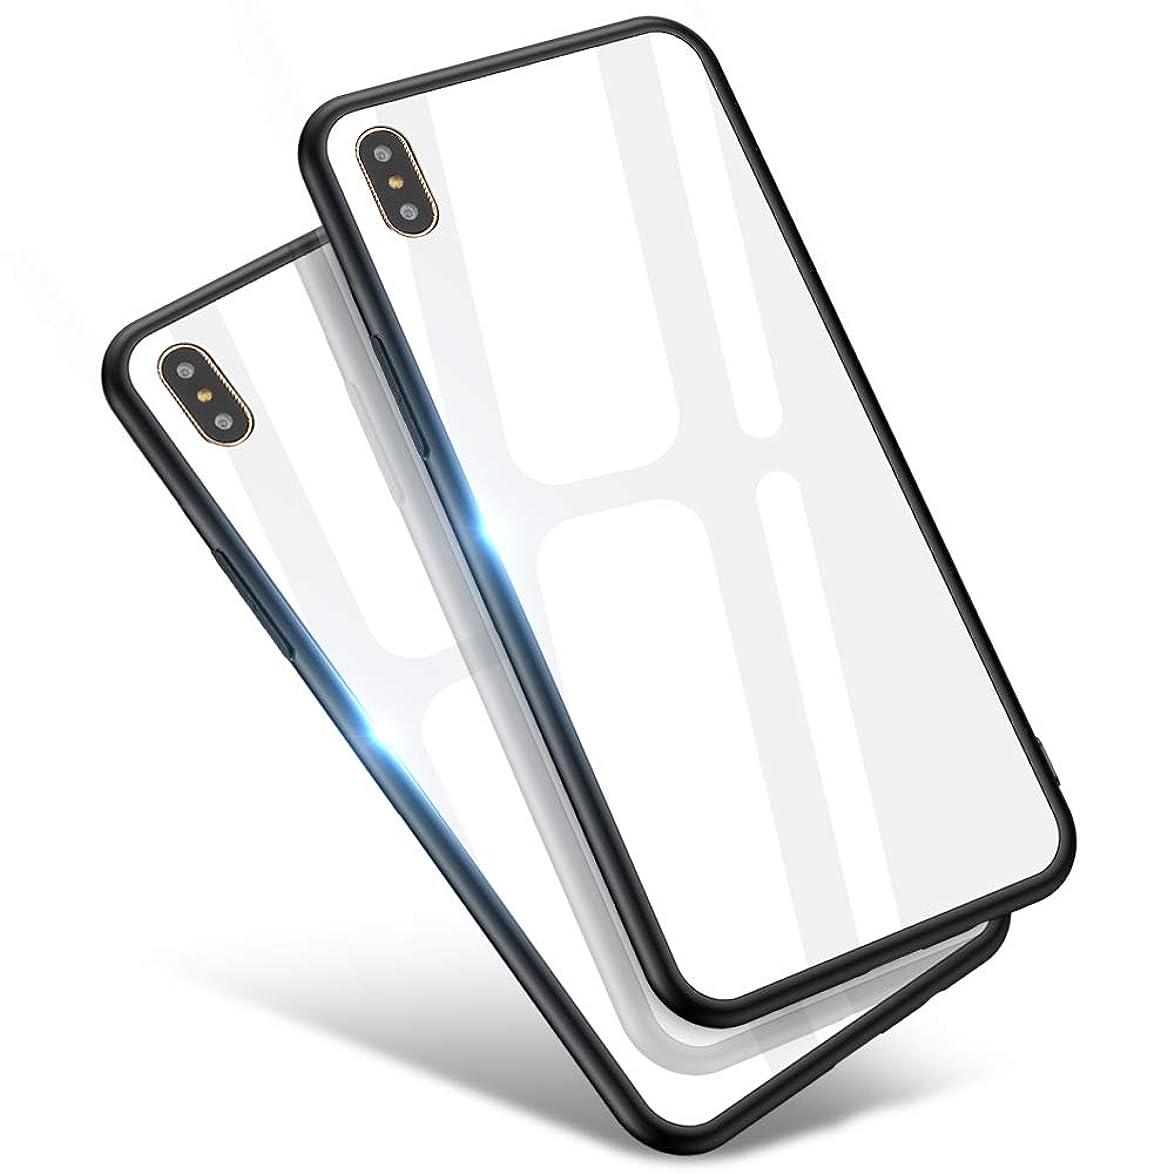 割れ目気づかない控えるiPhone Xs Max ケース Aunote スマホケース ガラス背面 TPUバンパー 薄型 耐衝撃 レンズ保護 ハードケース ワイヤレス充電対応 ストラップホール付き アイフォンXS max カバー (iPhone Xs Max, 6.5インチ ホワイト)